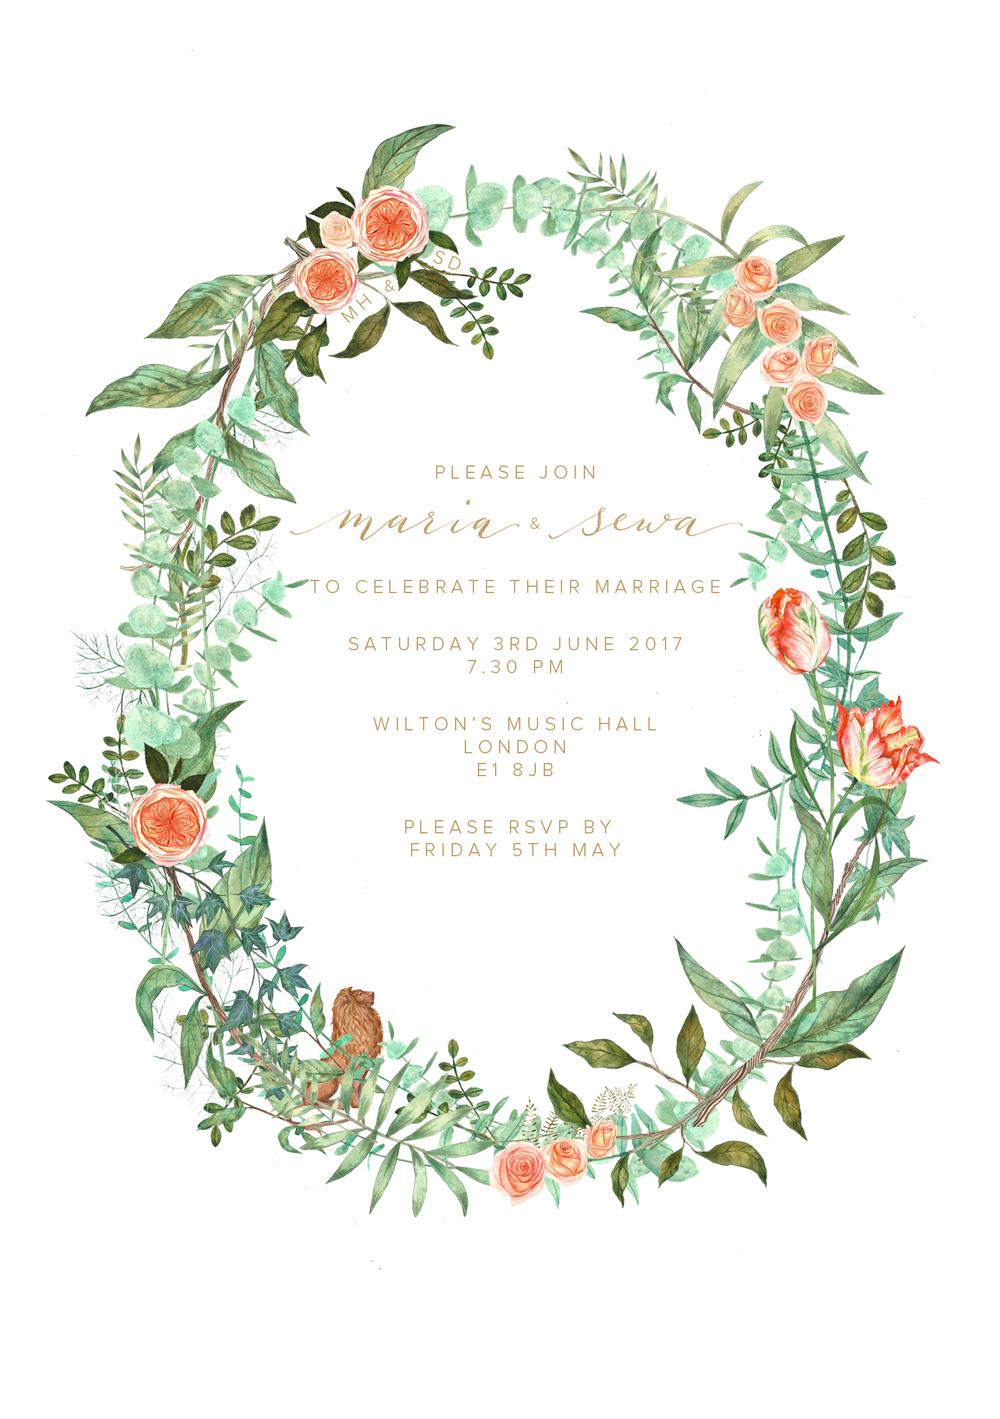 Maria-Sewa-Invite-Reception.jpg